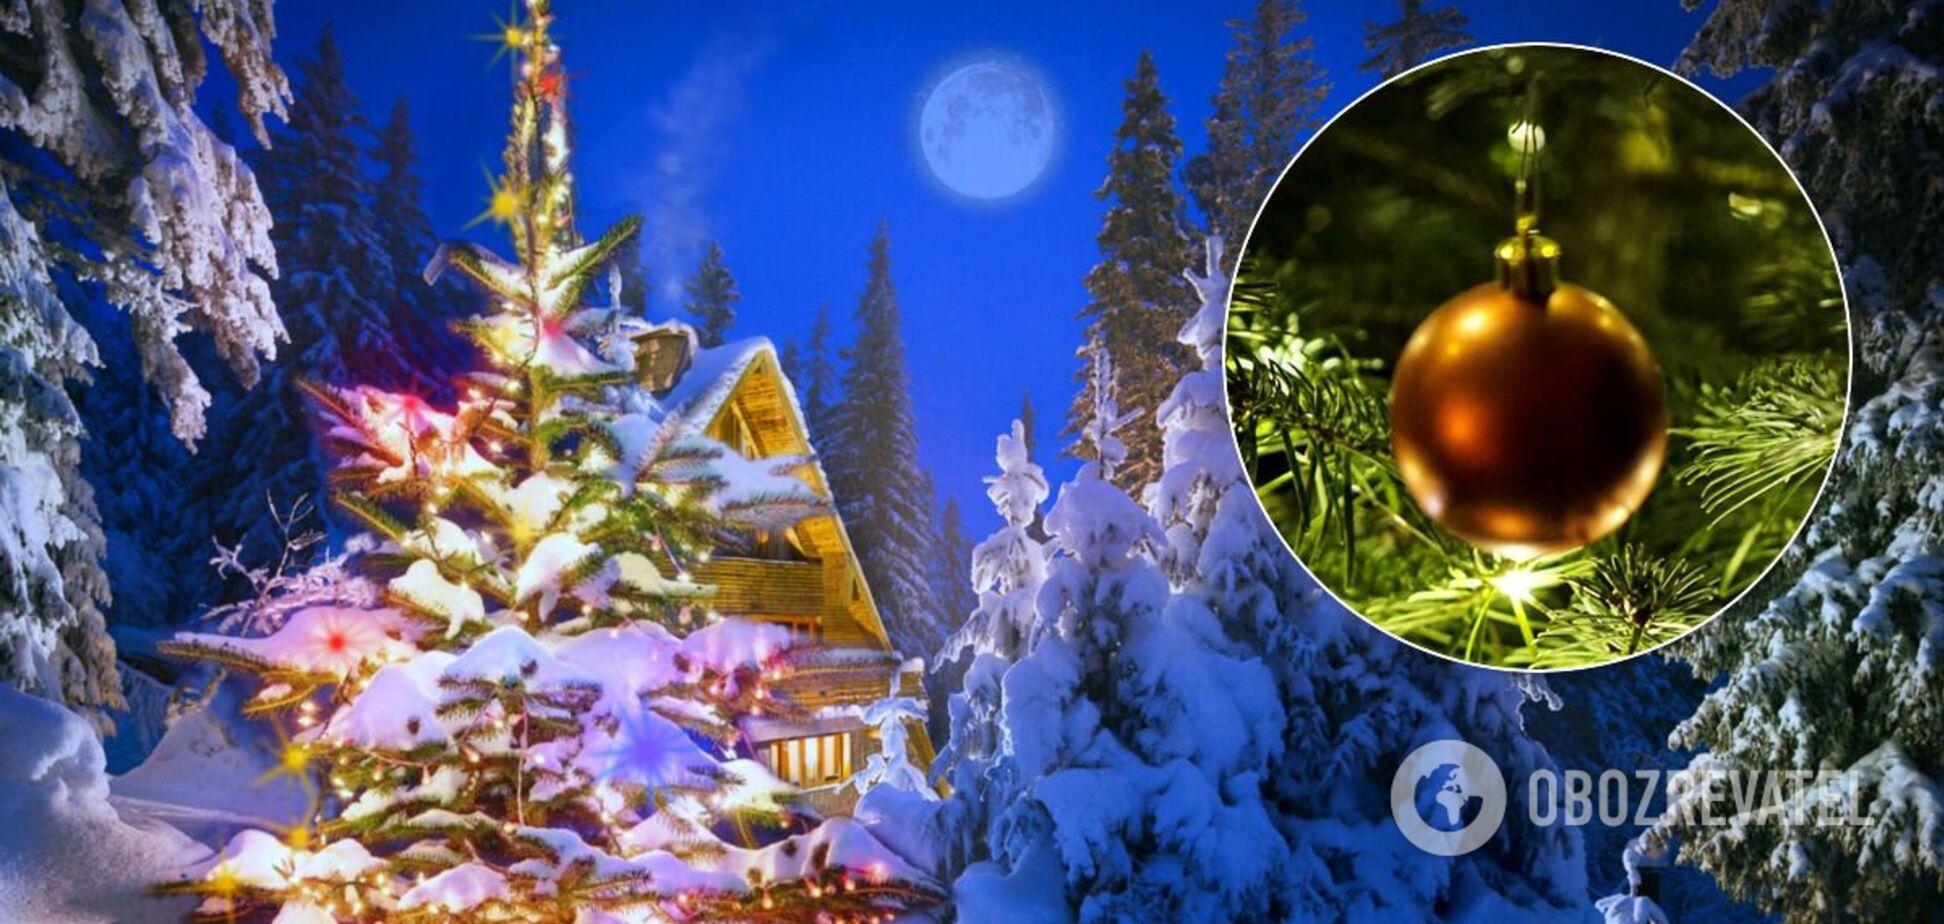 Новый год 2021 погода: синоптик Леонид Горбань дал прогноз